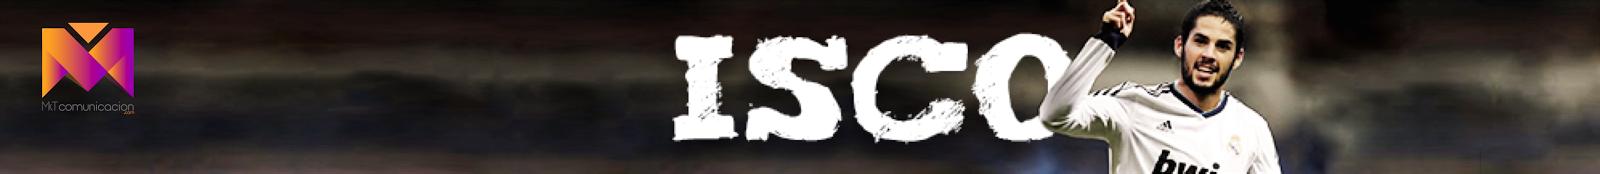 670dd95c4500 Página web con información de ISCO